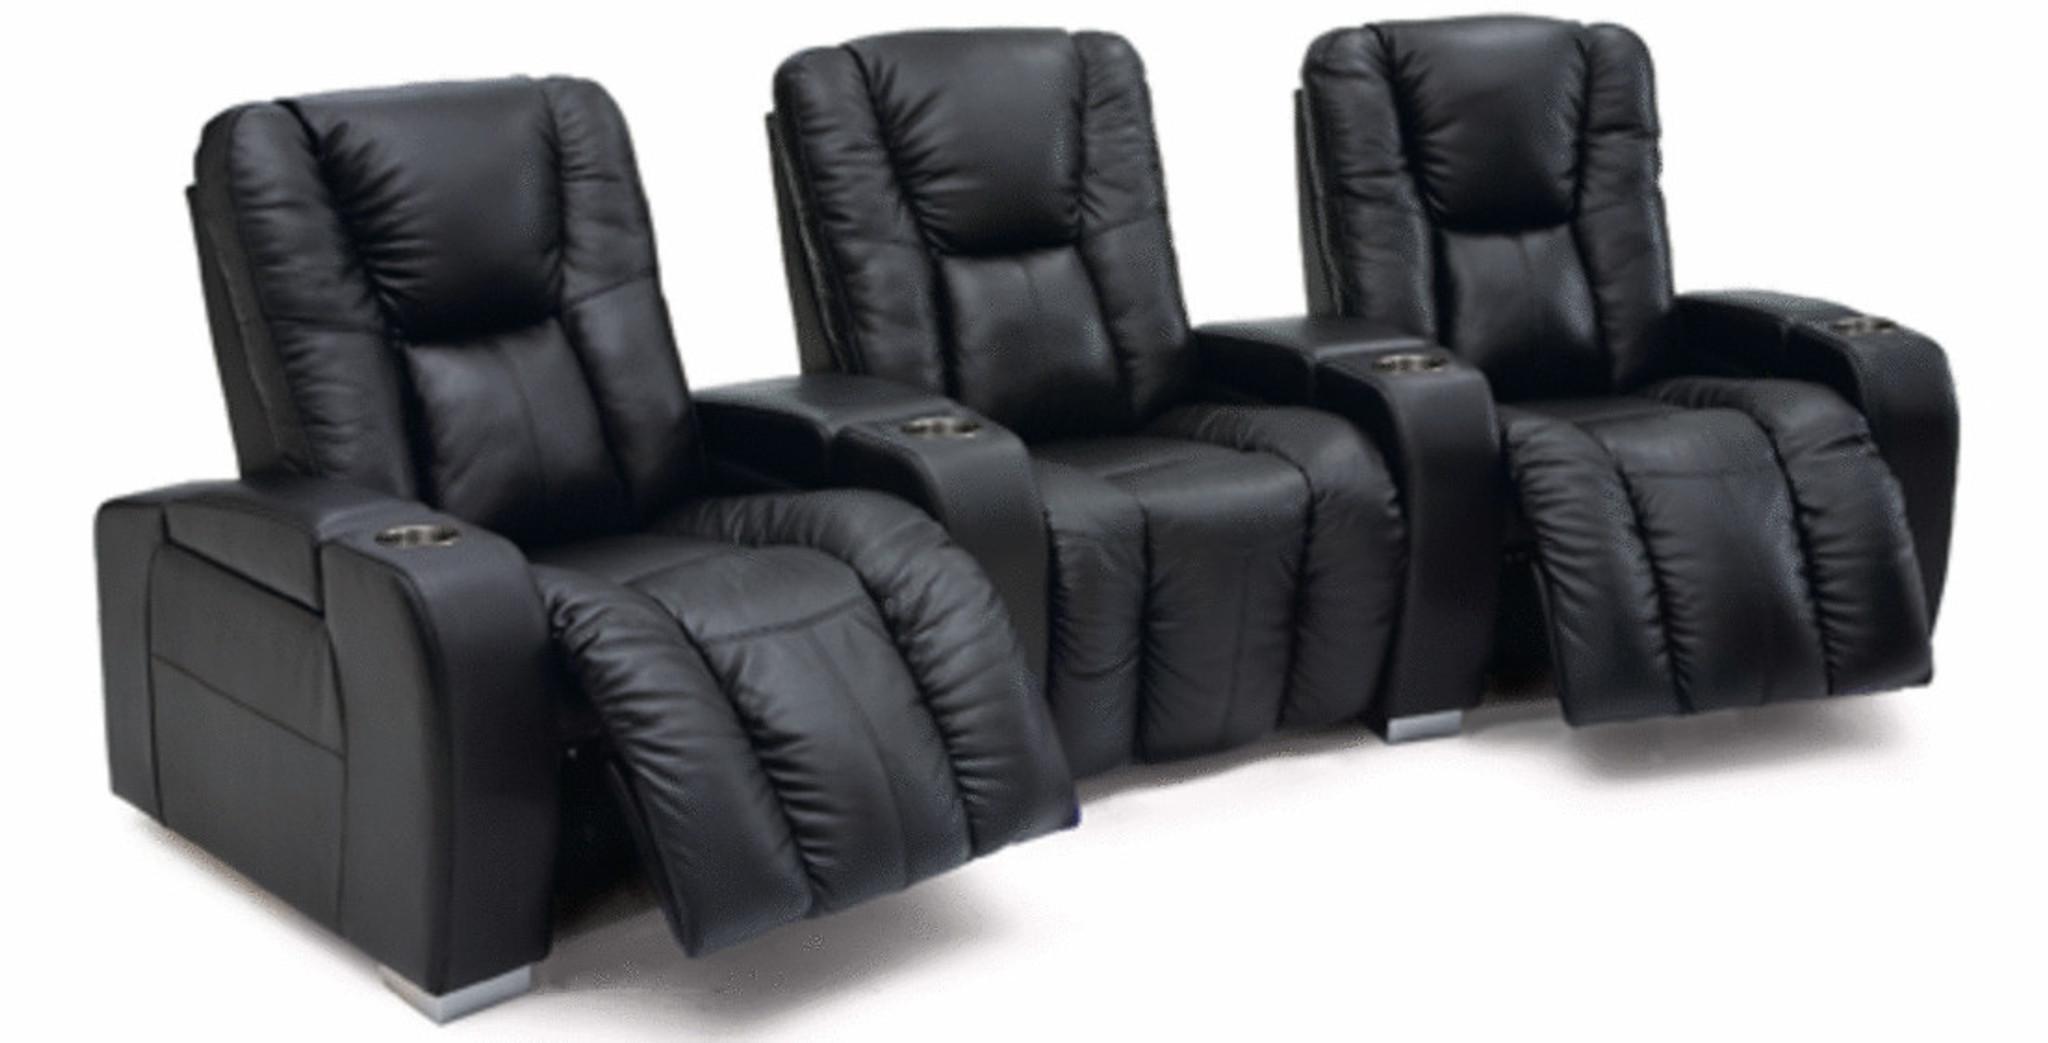 Media Theater Seats ...